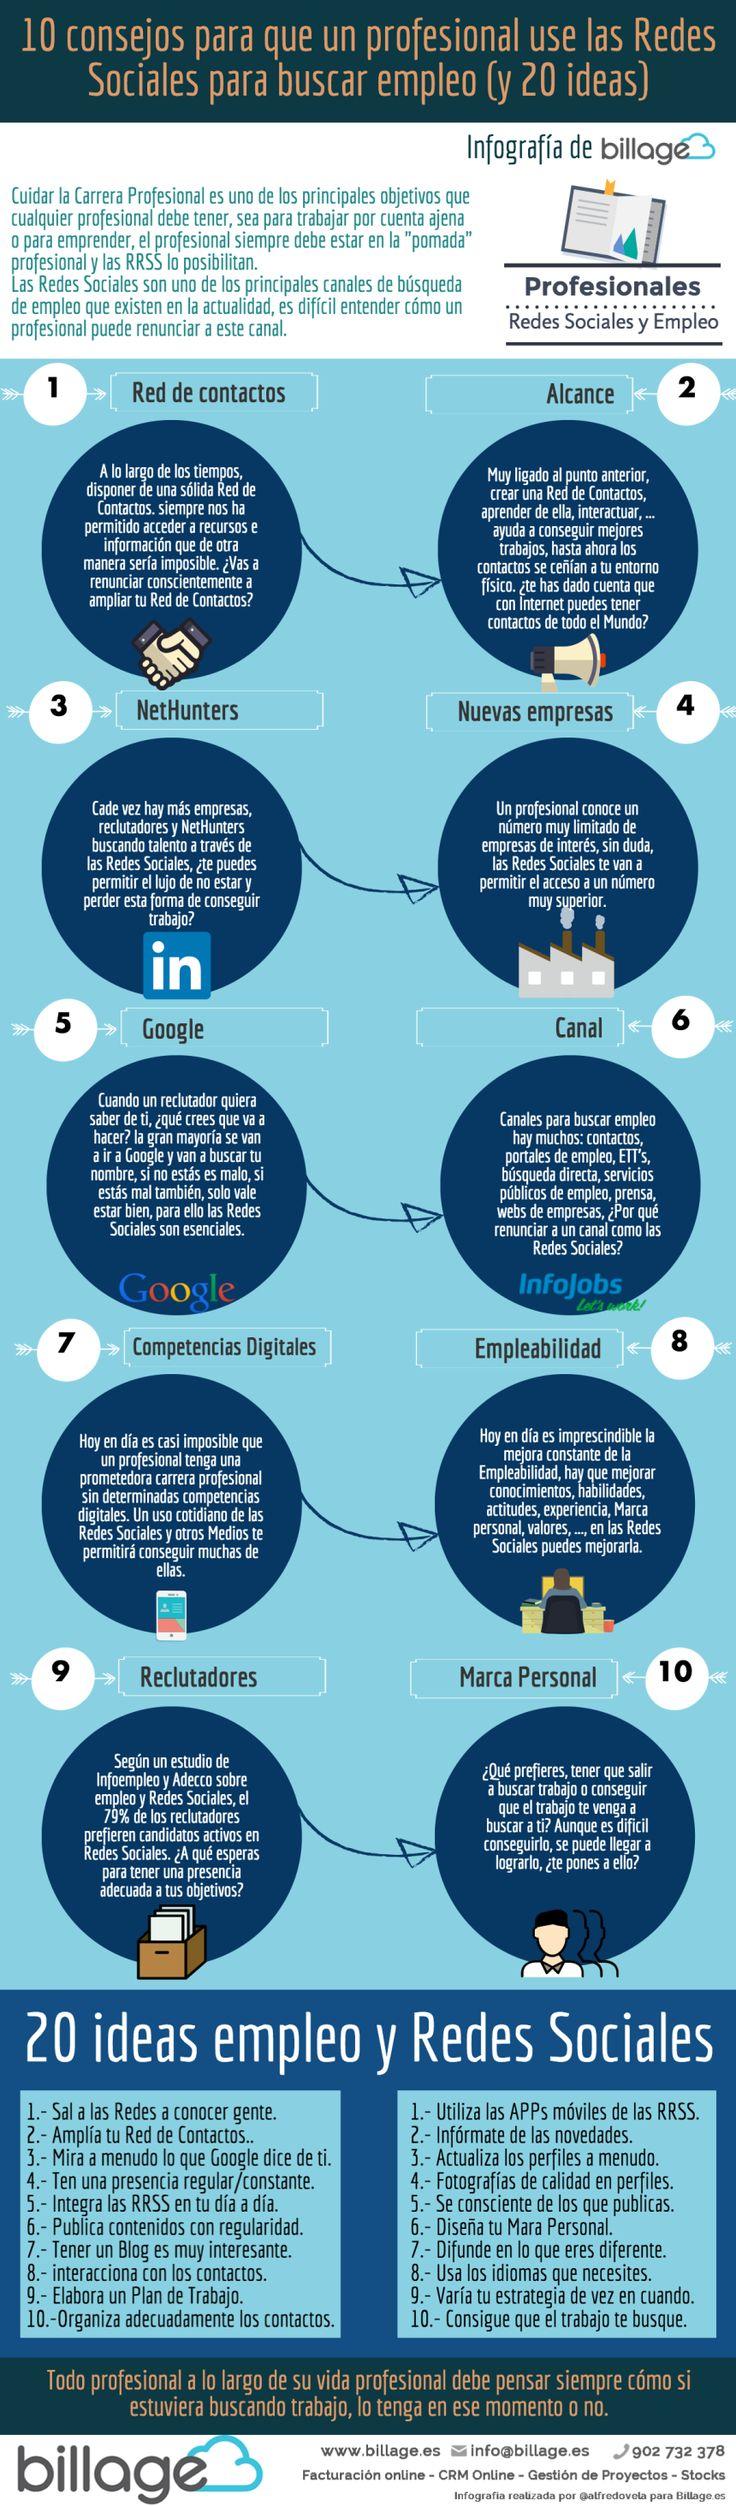 10 consejos sobre Redes Sociales para buscar empleo (y 20 ideas)